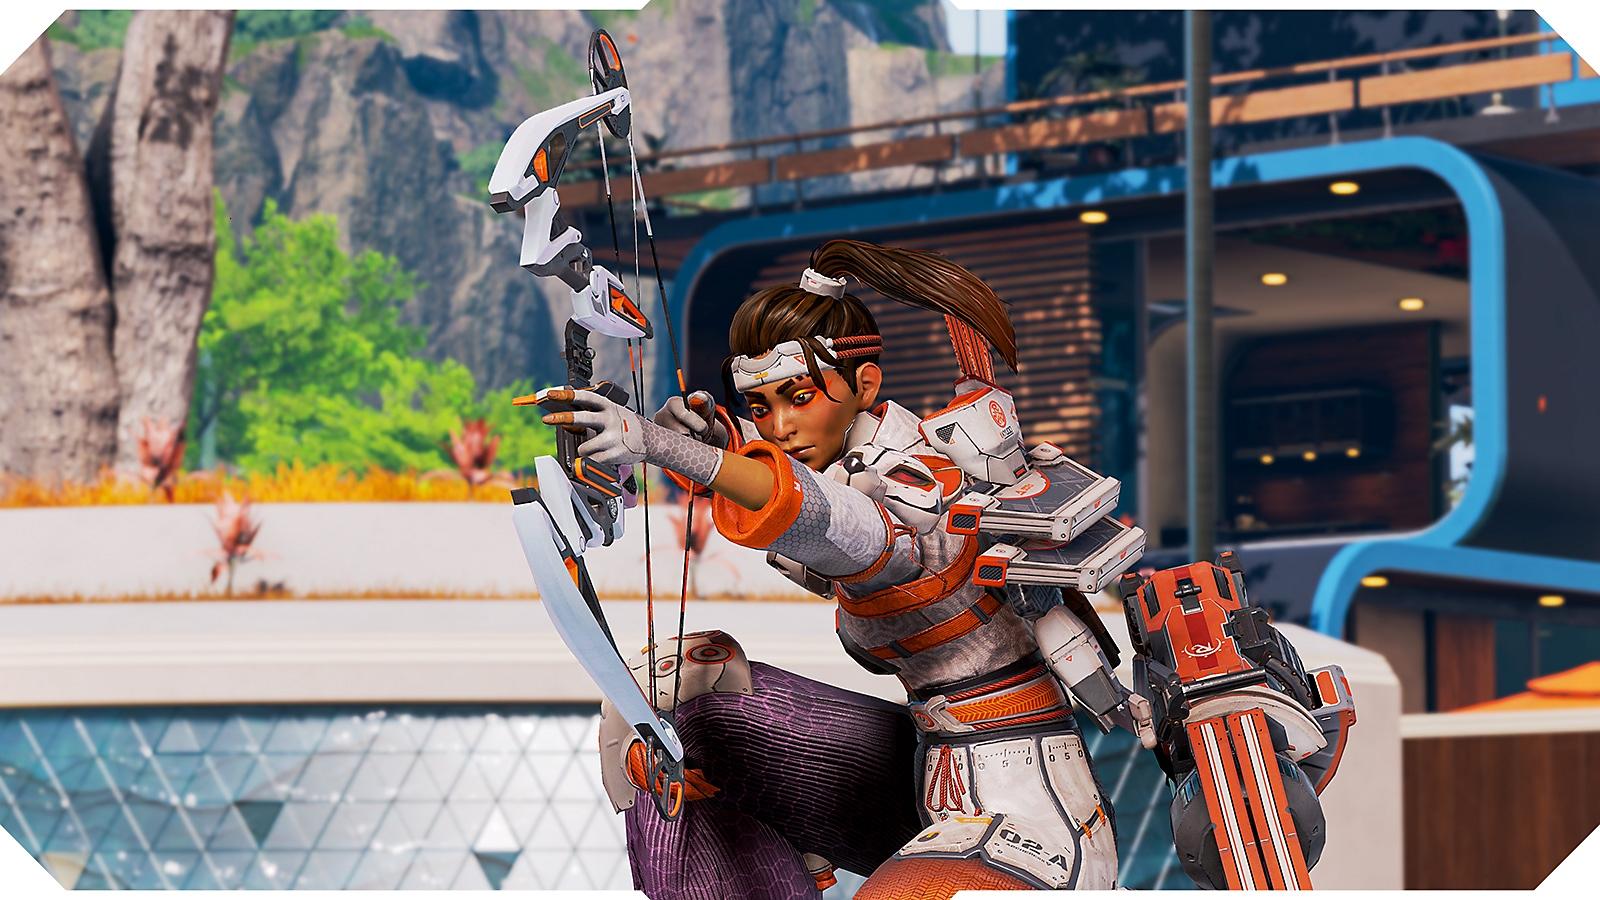 Apex Legends screenshot of Legend crouching